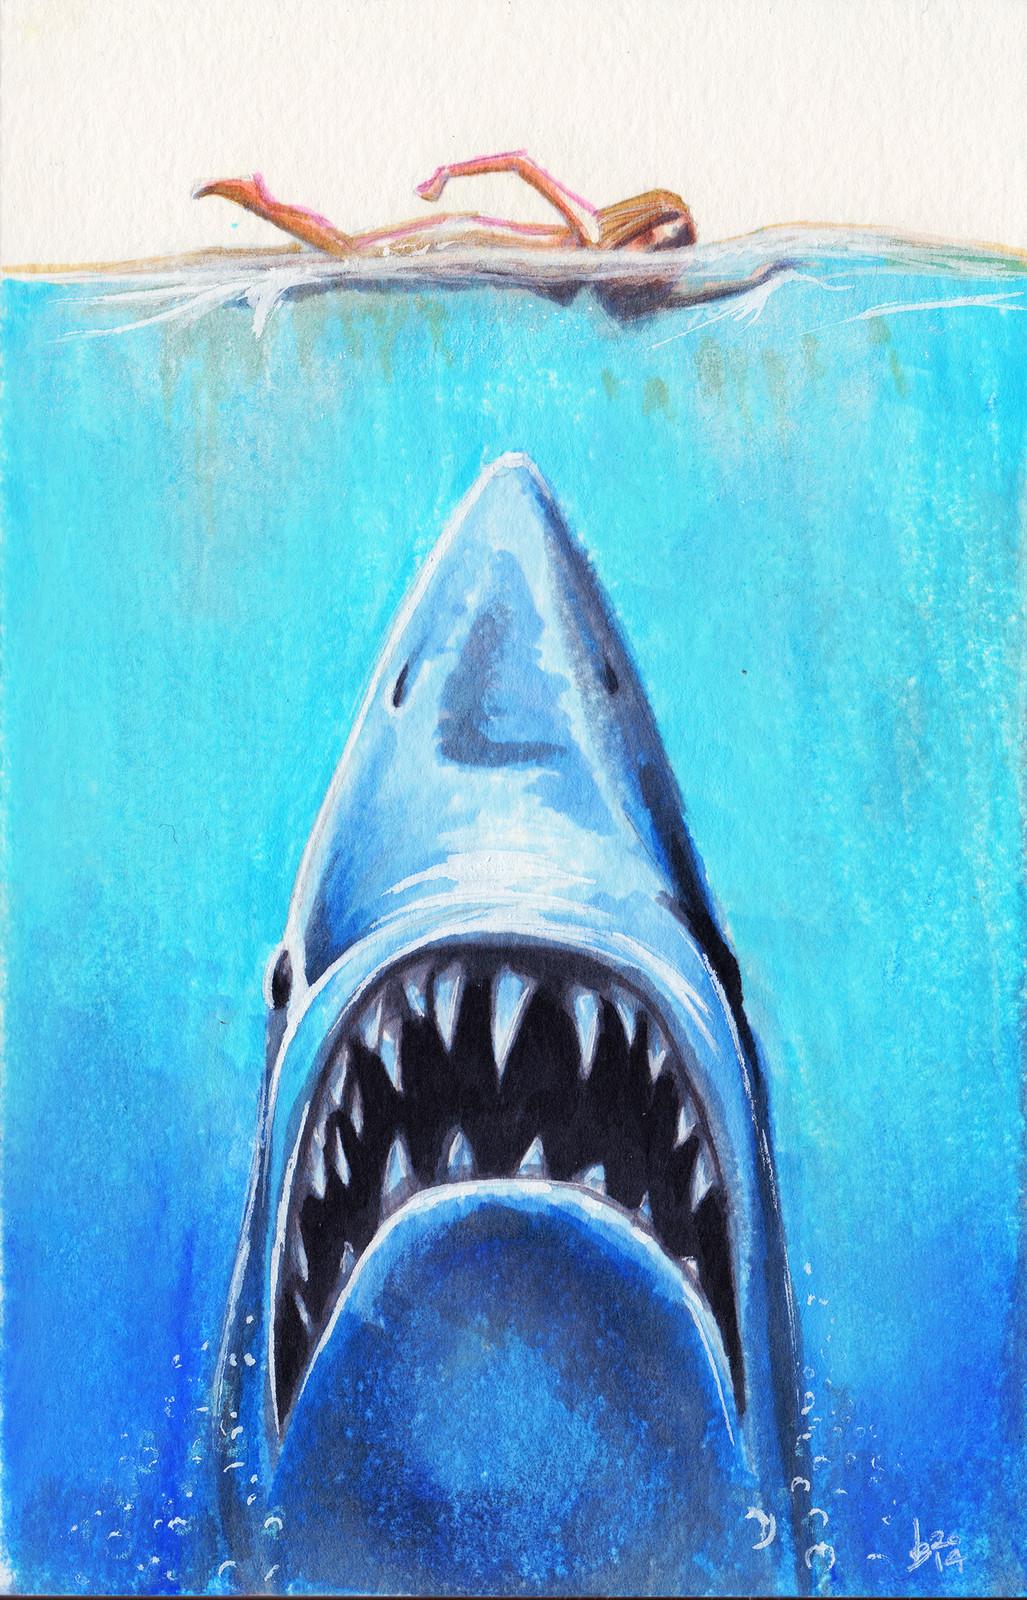 Artwork by Derek Stewart